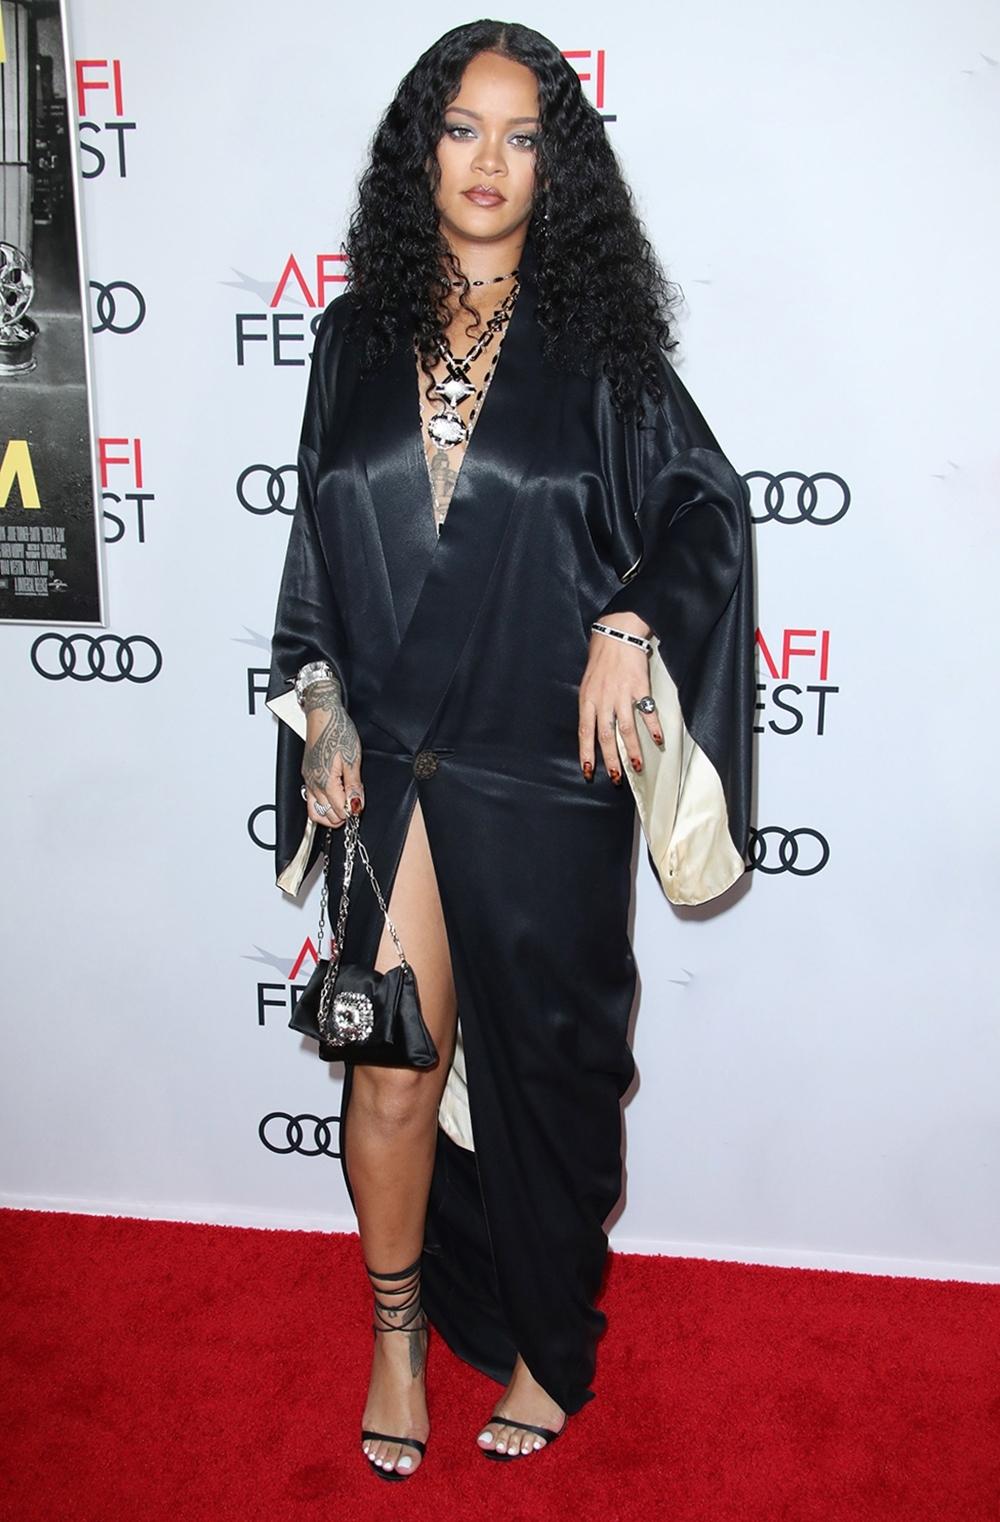 Rihanna diện kimono phá cách, chỉ gài một nút của John Galliano tại buổi công chiếu phim Queen & Slim vào tháng 11 năm ngoái. Cô tô điểm set đồ lụa bằng bộ trang sức hai màu đen,trắng của David Webb.